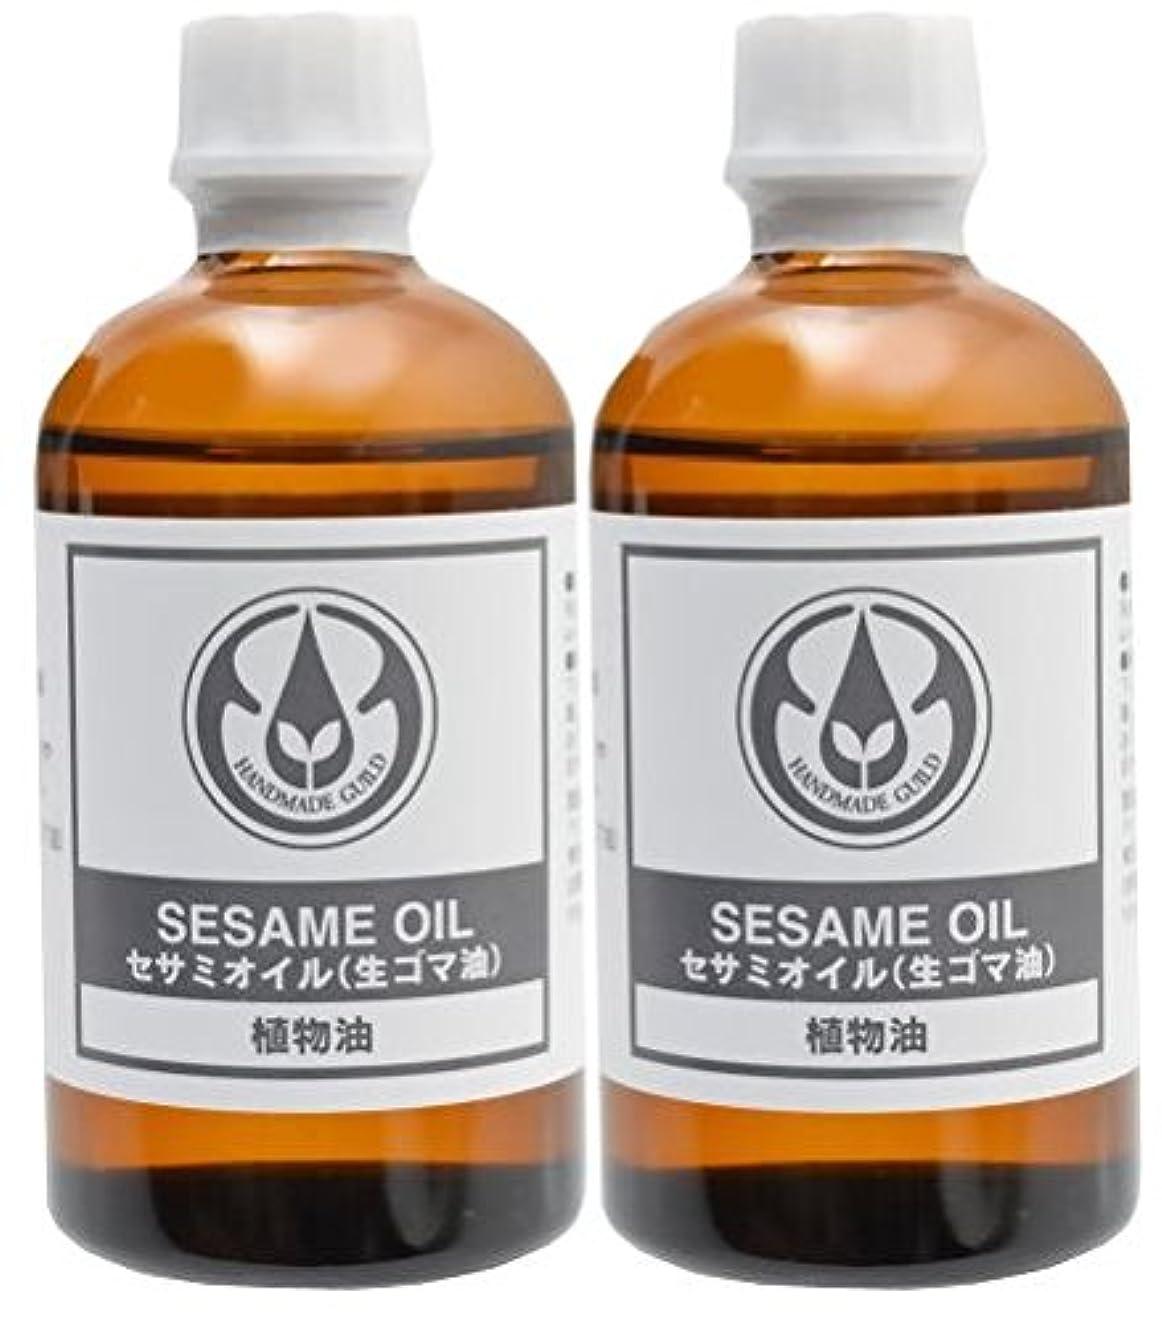 フリッパー接尾辞記念碑的な生活の木 セサミ油 (生ゴマ油) 100ml ×2本セット